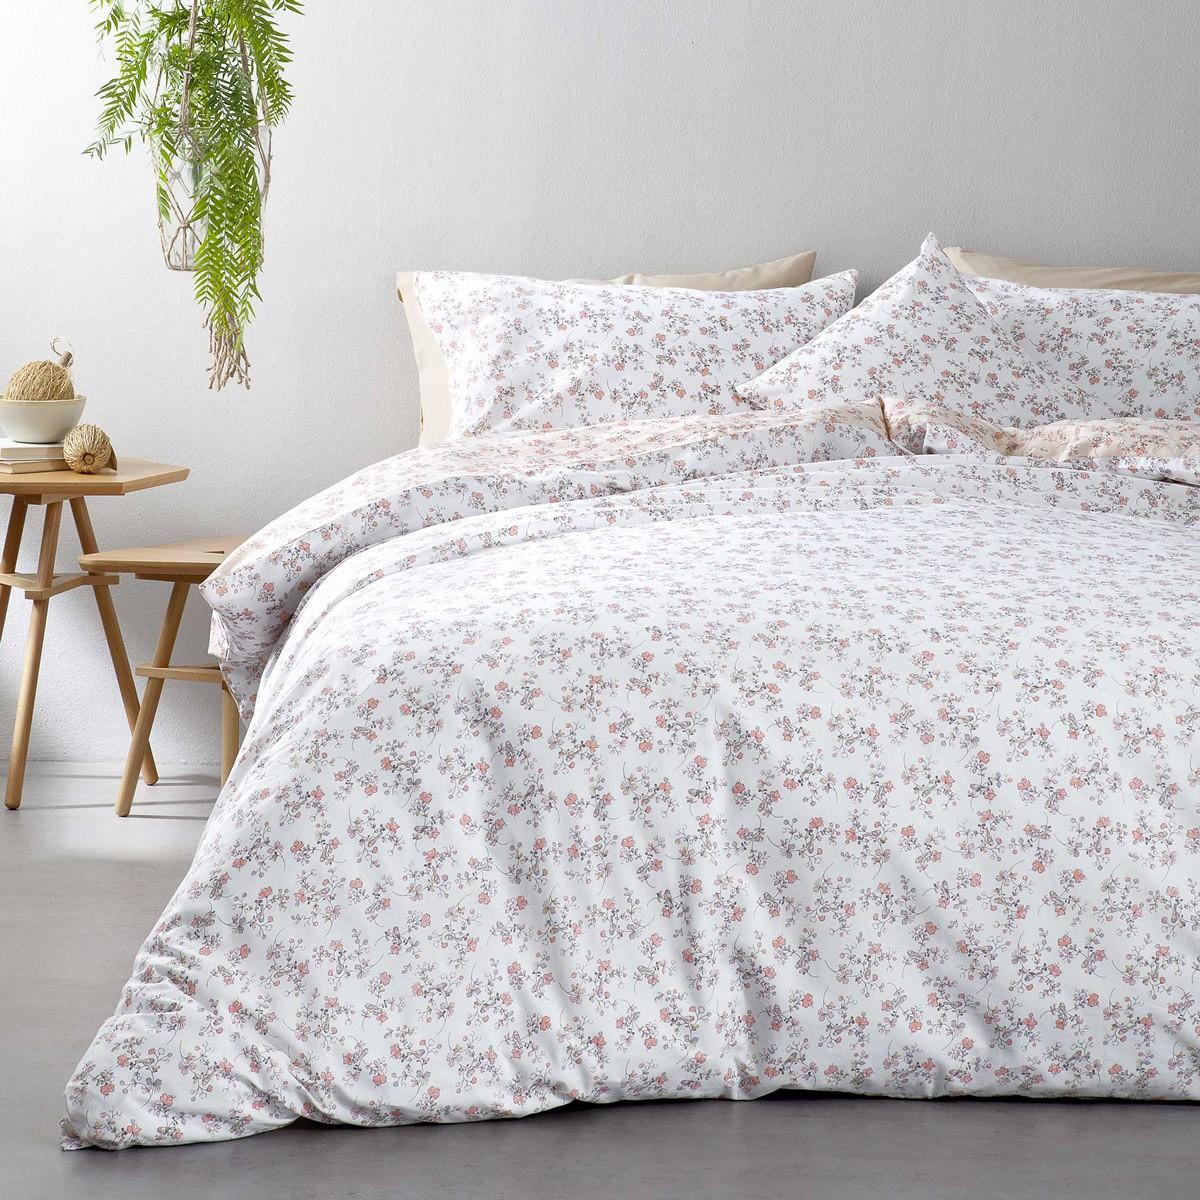 Σεντόνια Υπέρδιπλα (Σετ) Nima Bed Linen Secret Garden Pink ΧΩΡΙΣ ΛΑΣΤΙΧΟ ΧΩΡΙΣ ΛΑΣΤΙΧΟ